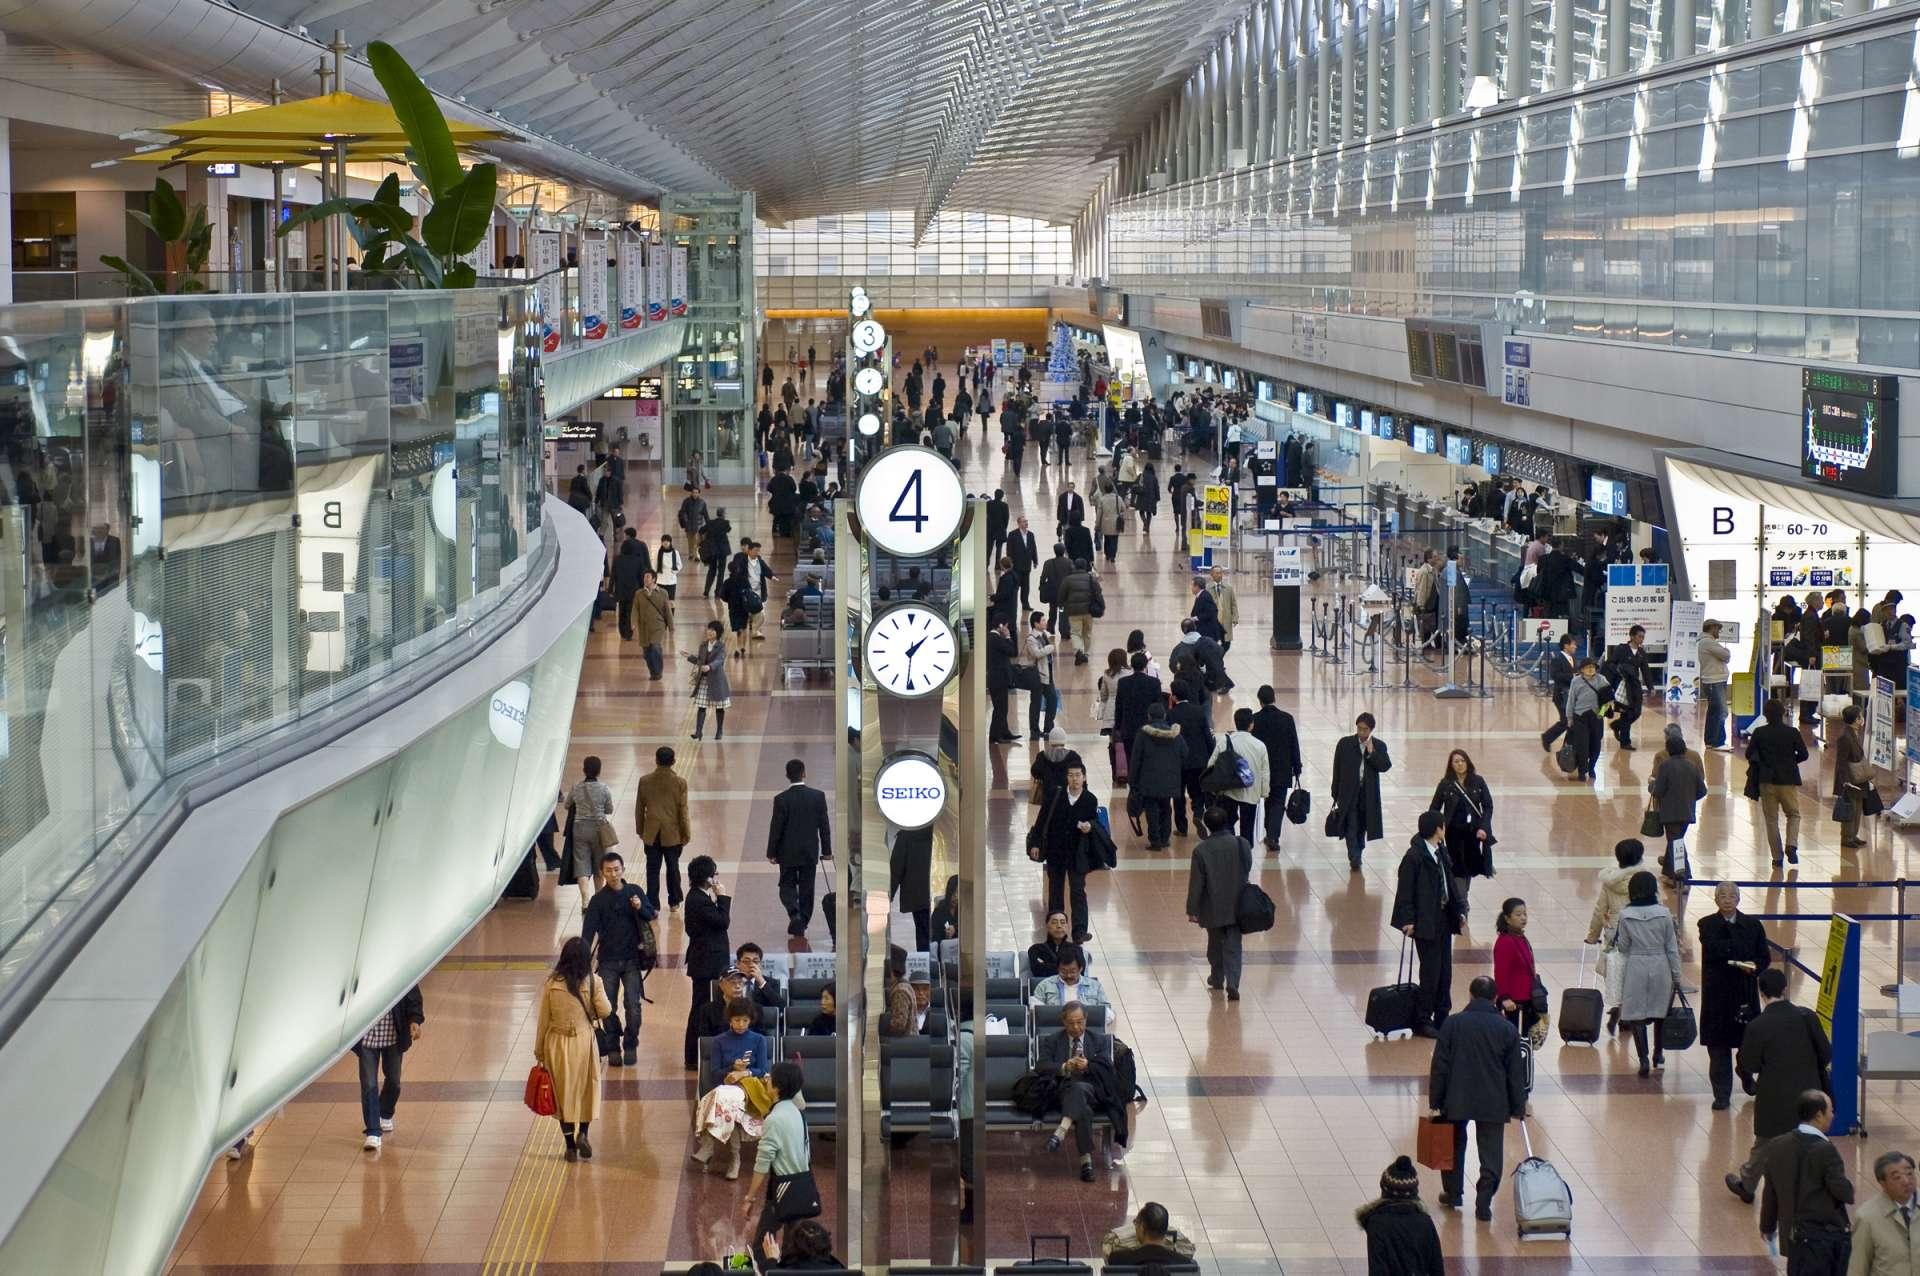 羽田机场、机场第2大楼车站、出境大厅、日本、机场、候机大厅